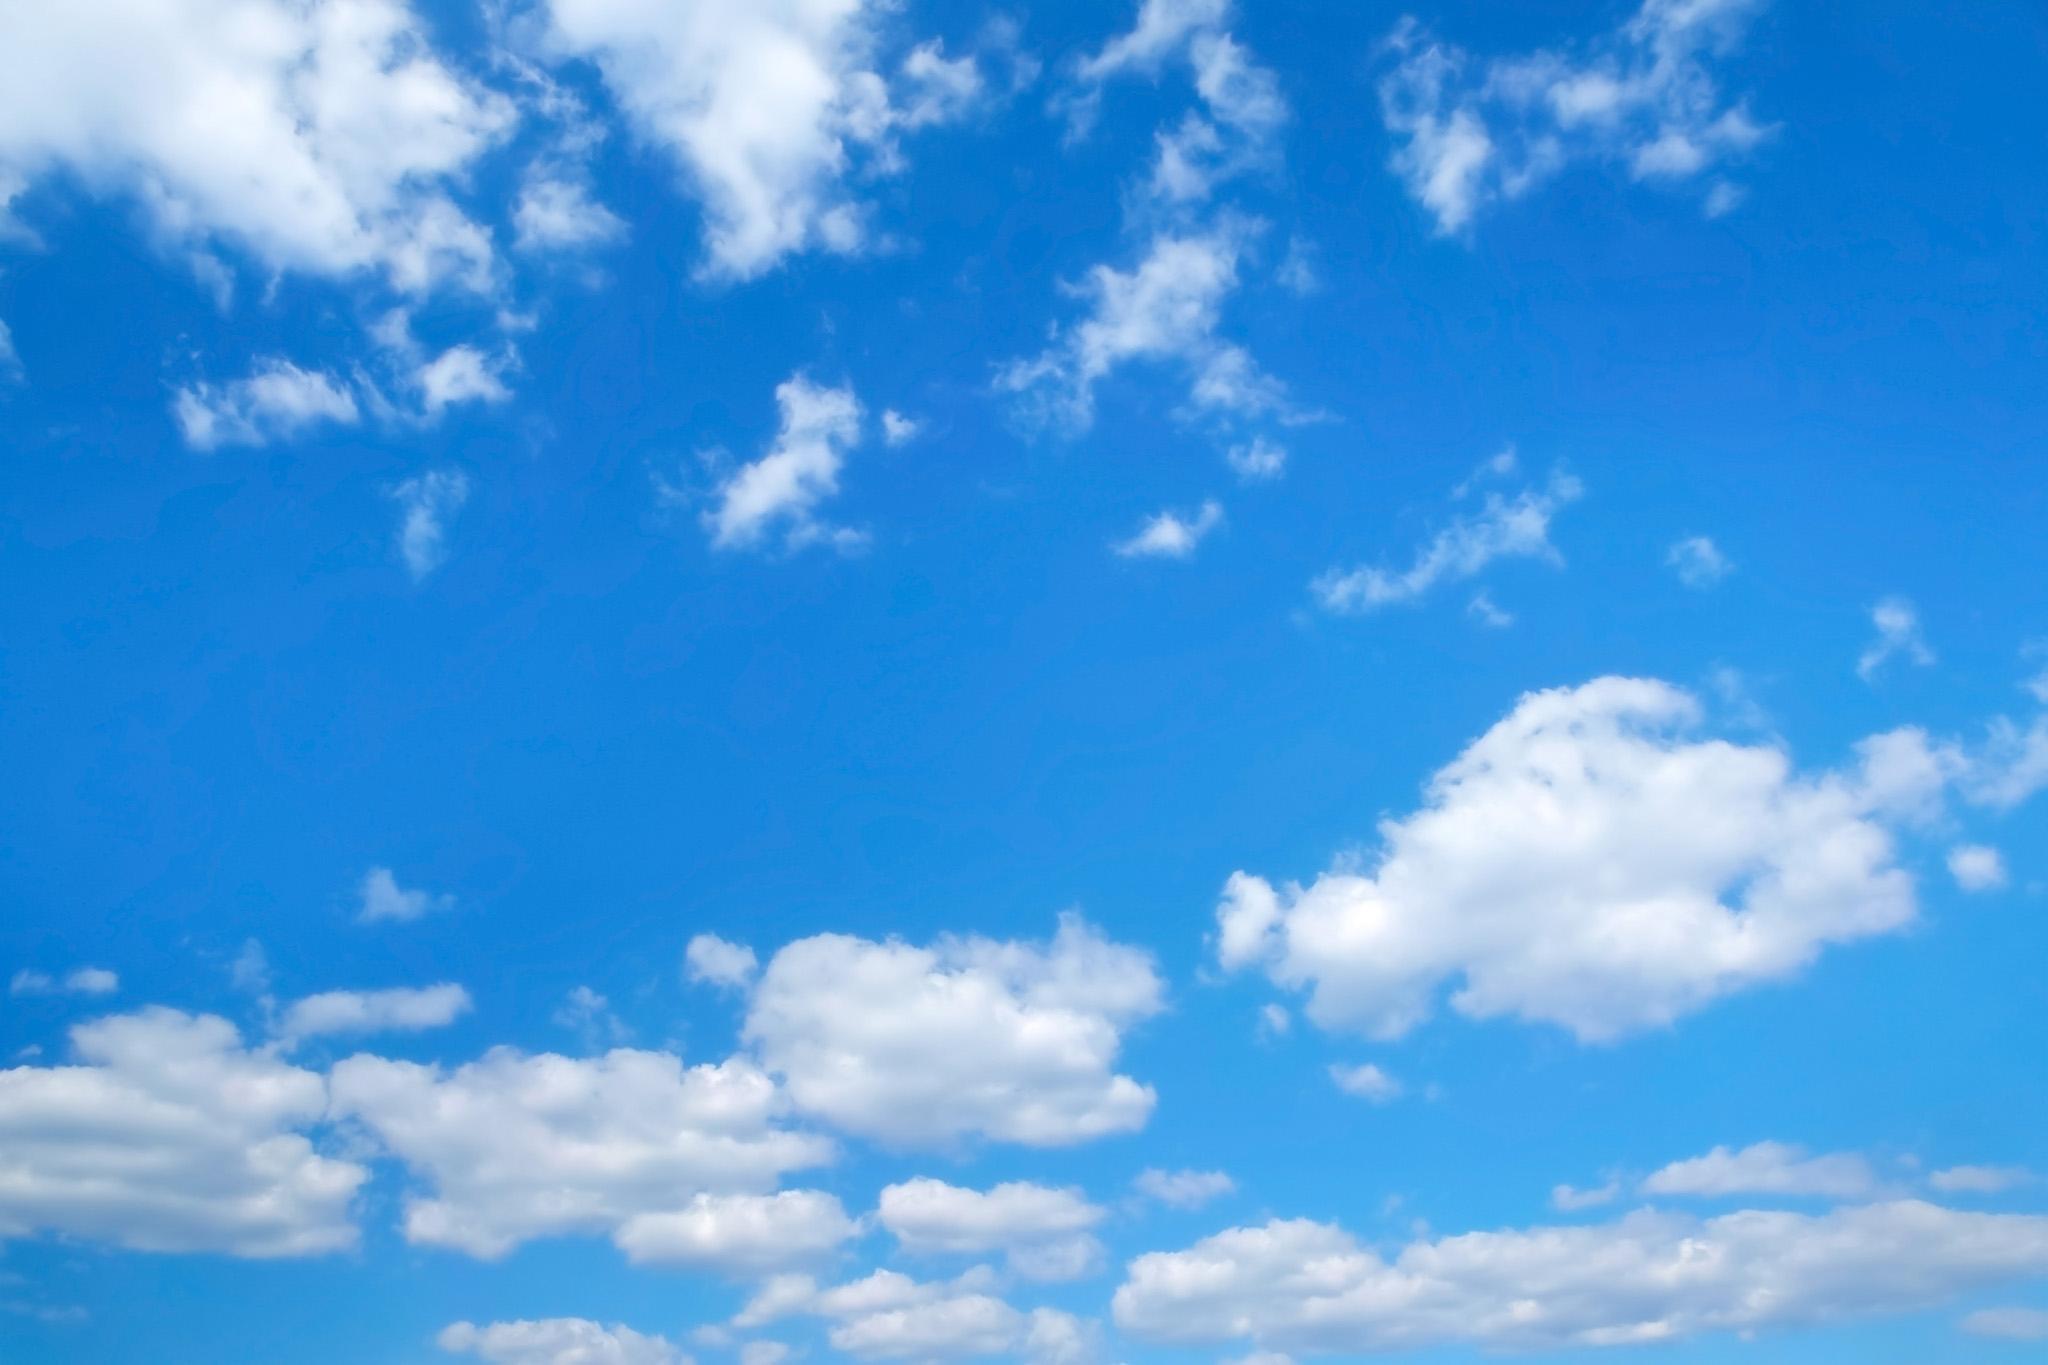 「断雲と積雲が浮遊する青空」